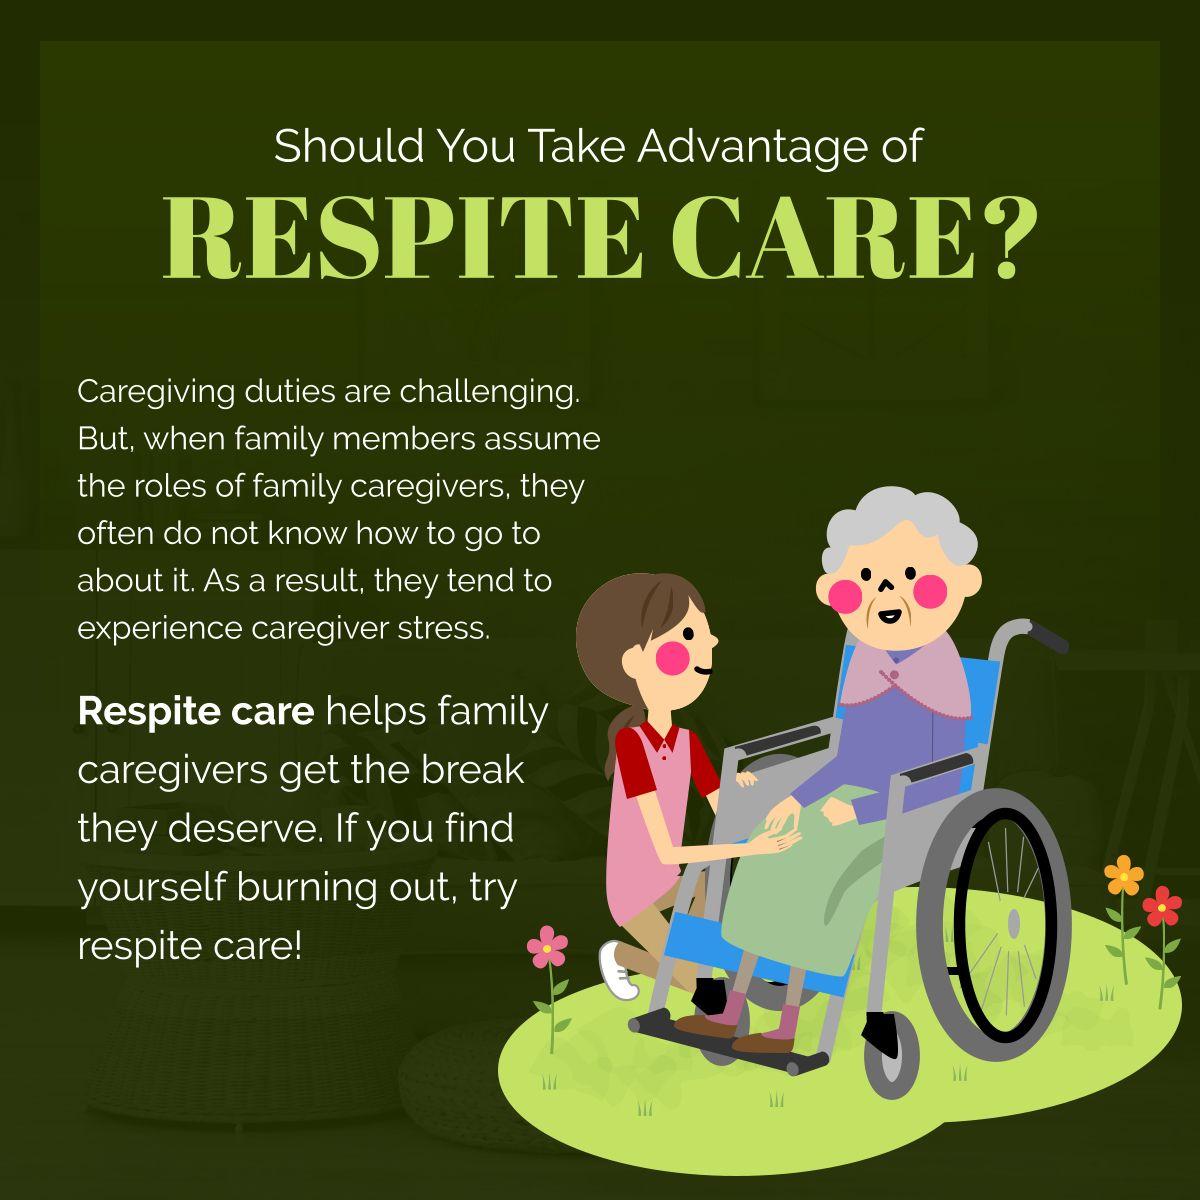 Should You Take Advantage of Respite Care? RespiteCare